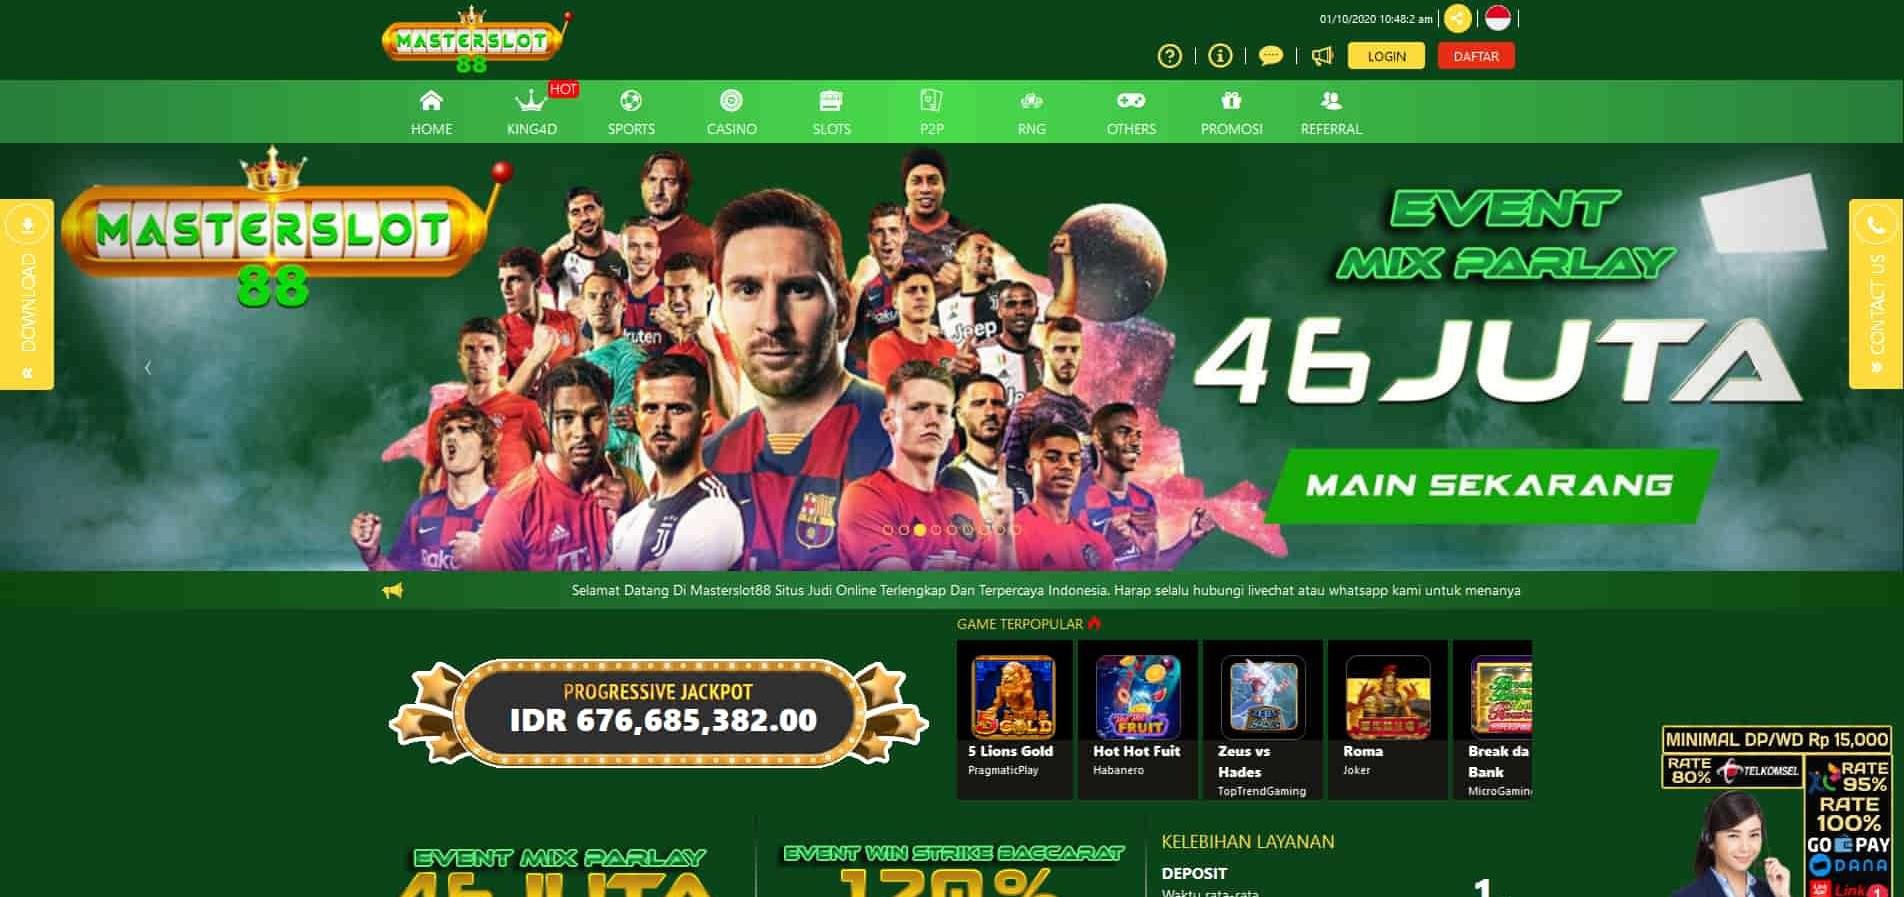 Jual Tiket Masterslot88 Situs Judi Slot Online Cq9 Gaming Loket Com